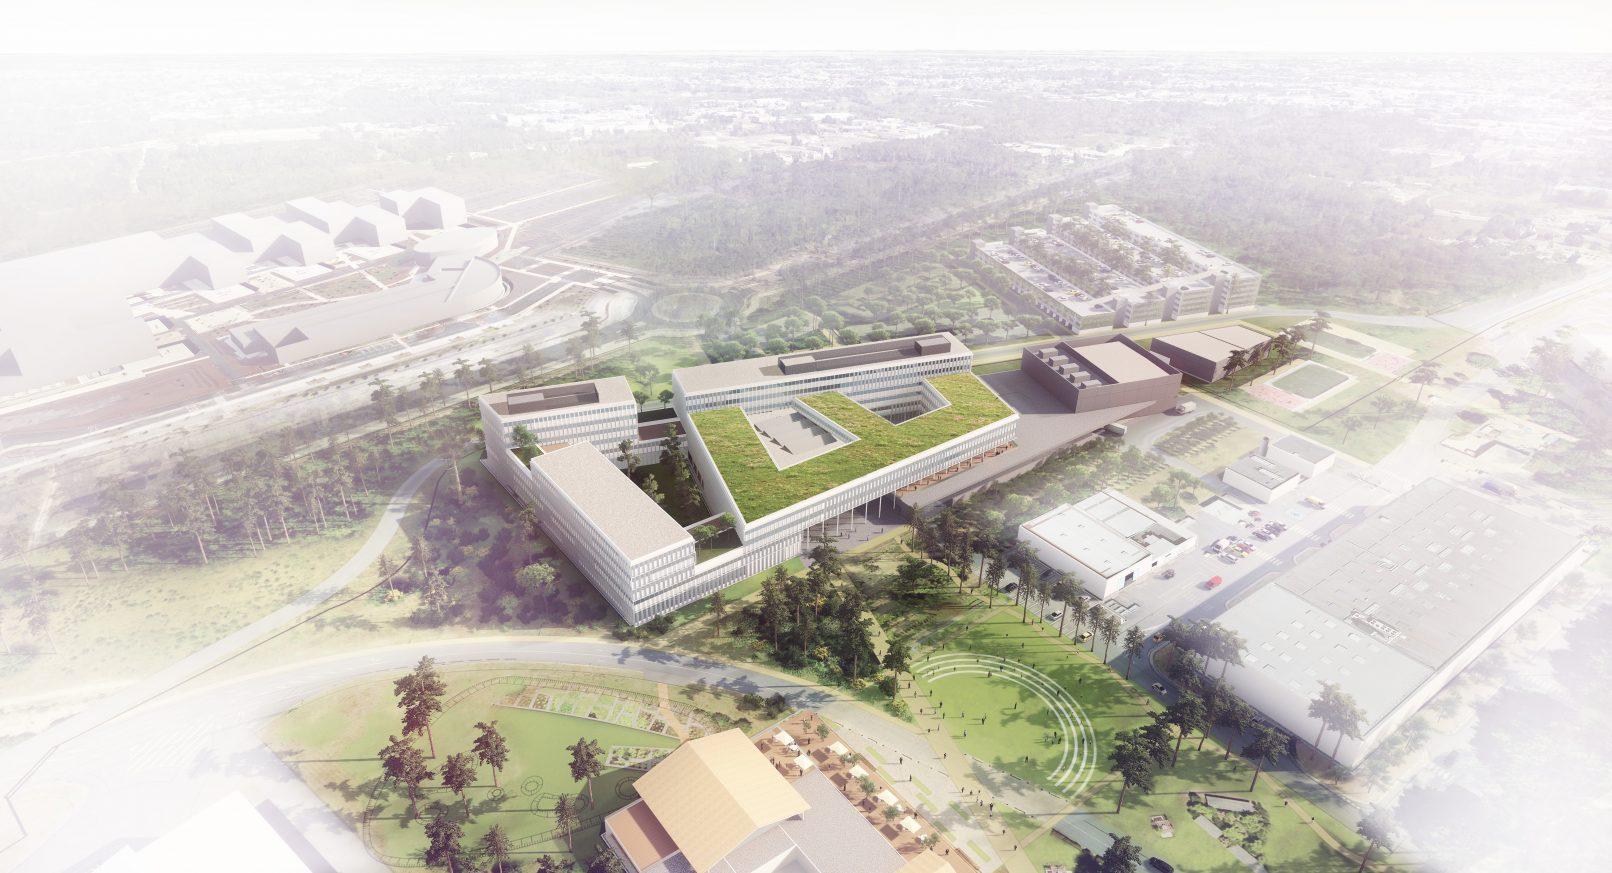 Merignac-2020-dassault aviation-iam-architectes-sequences-edeis-gamma-vision-construction-bureaux-tertiaire